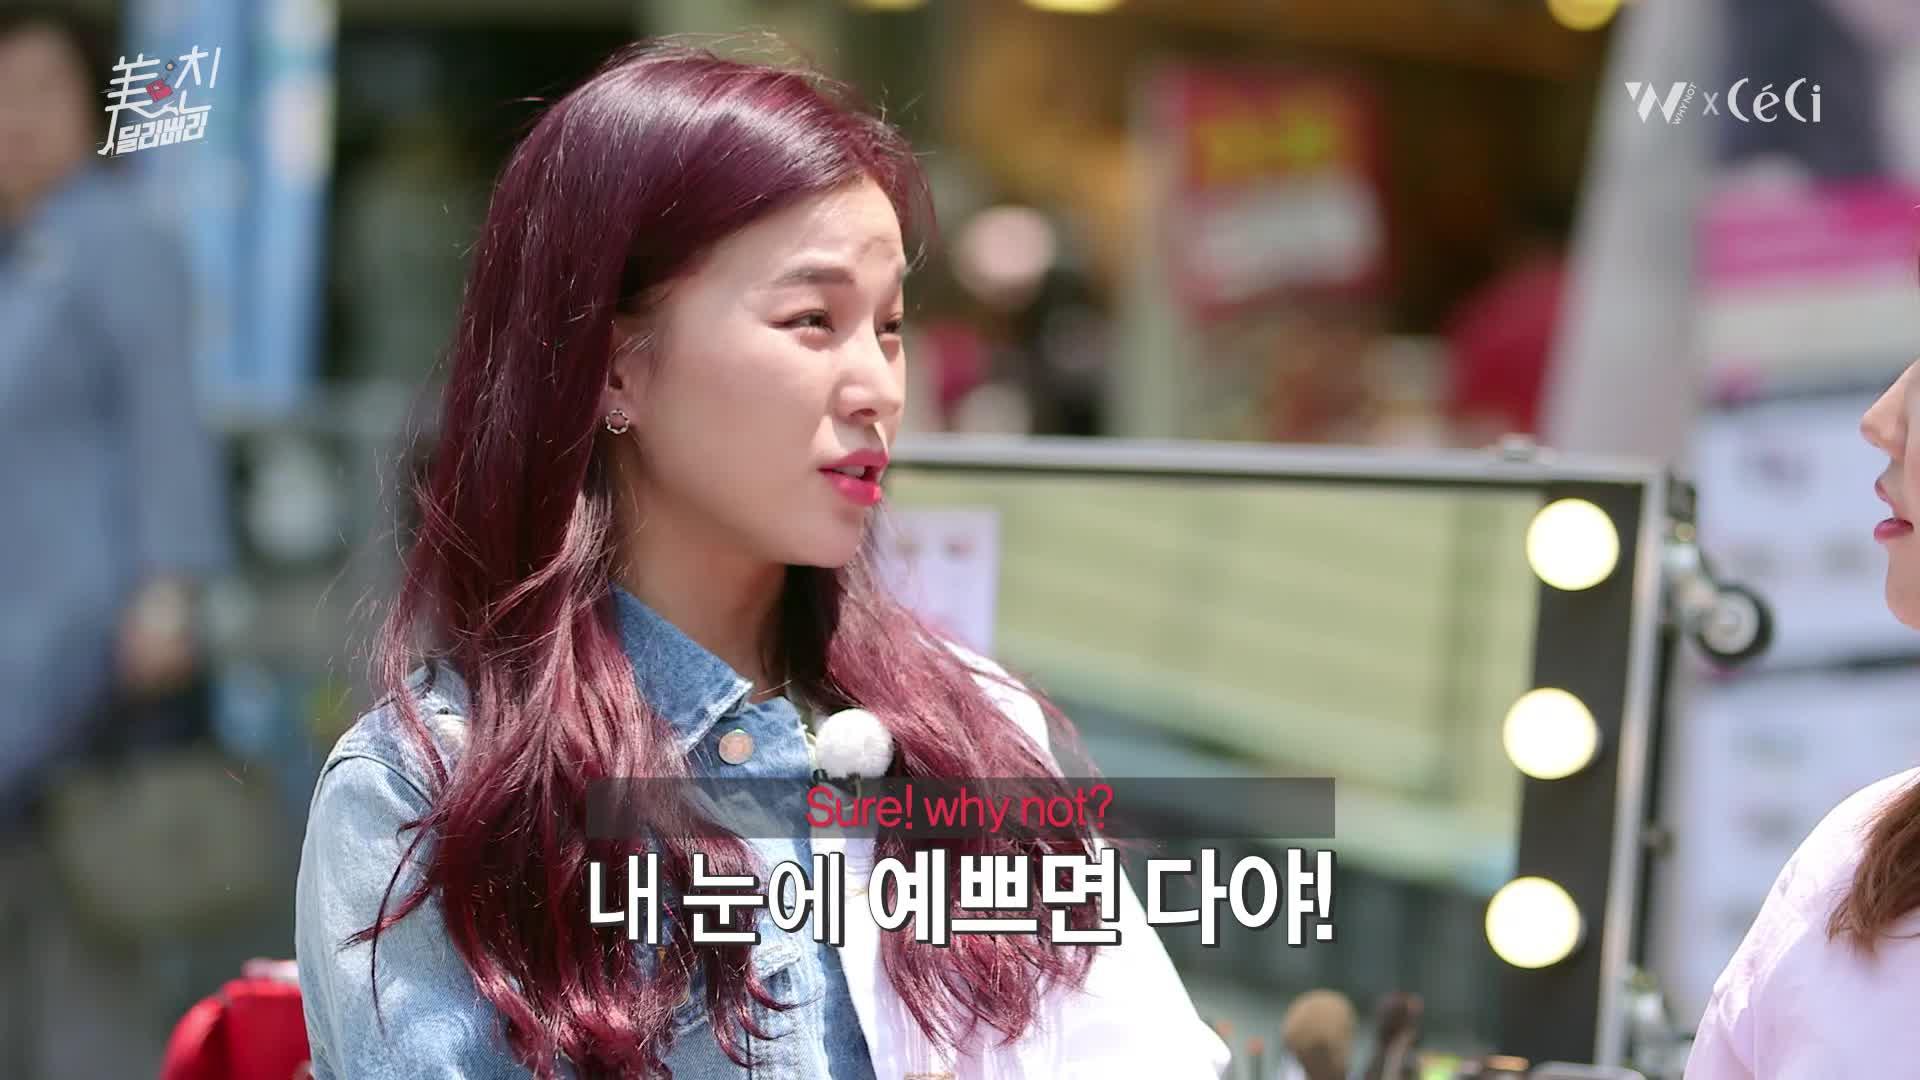 아이돌한테 고데기 받기 ㅋㅋㅋㅋㅋ [미친 딜리버리 시즌2] EP04 무쌍 메이크업